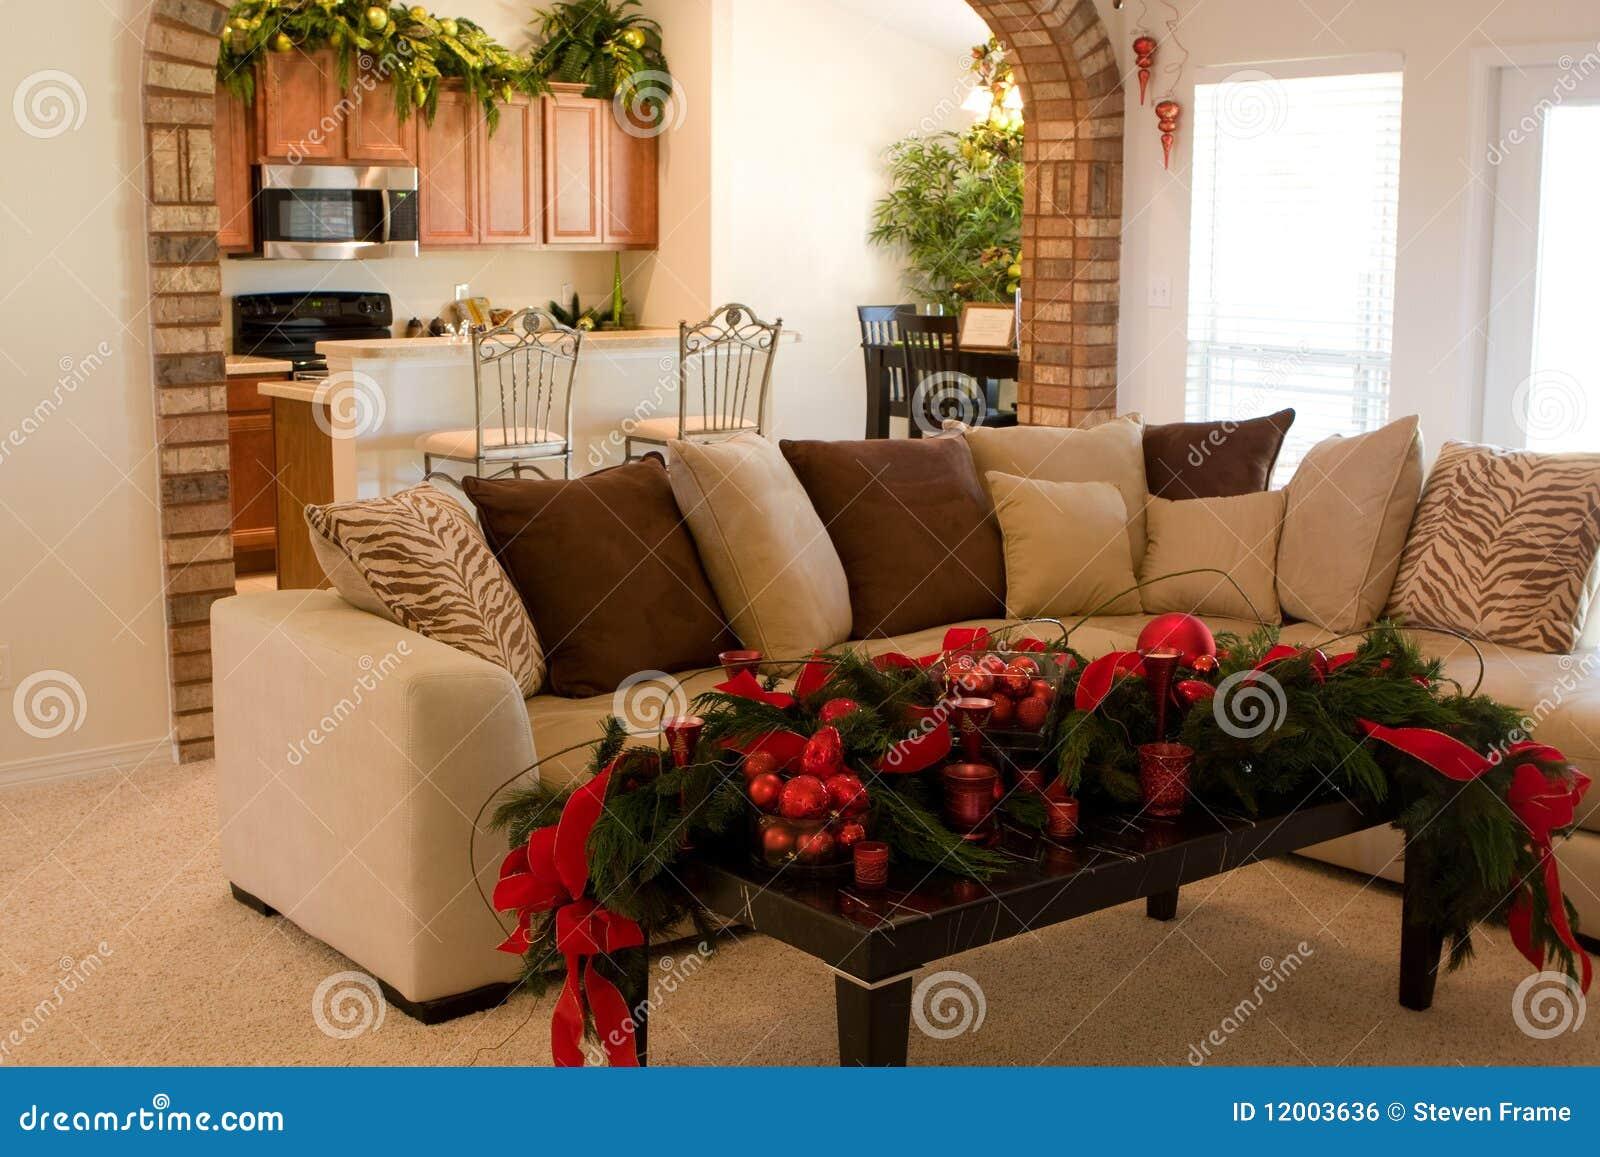 Decoracion de navidad - Decoraciones para navidad ...